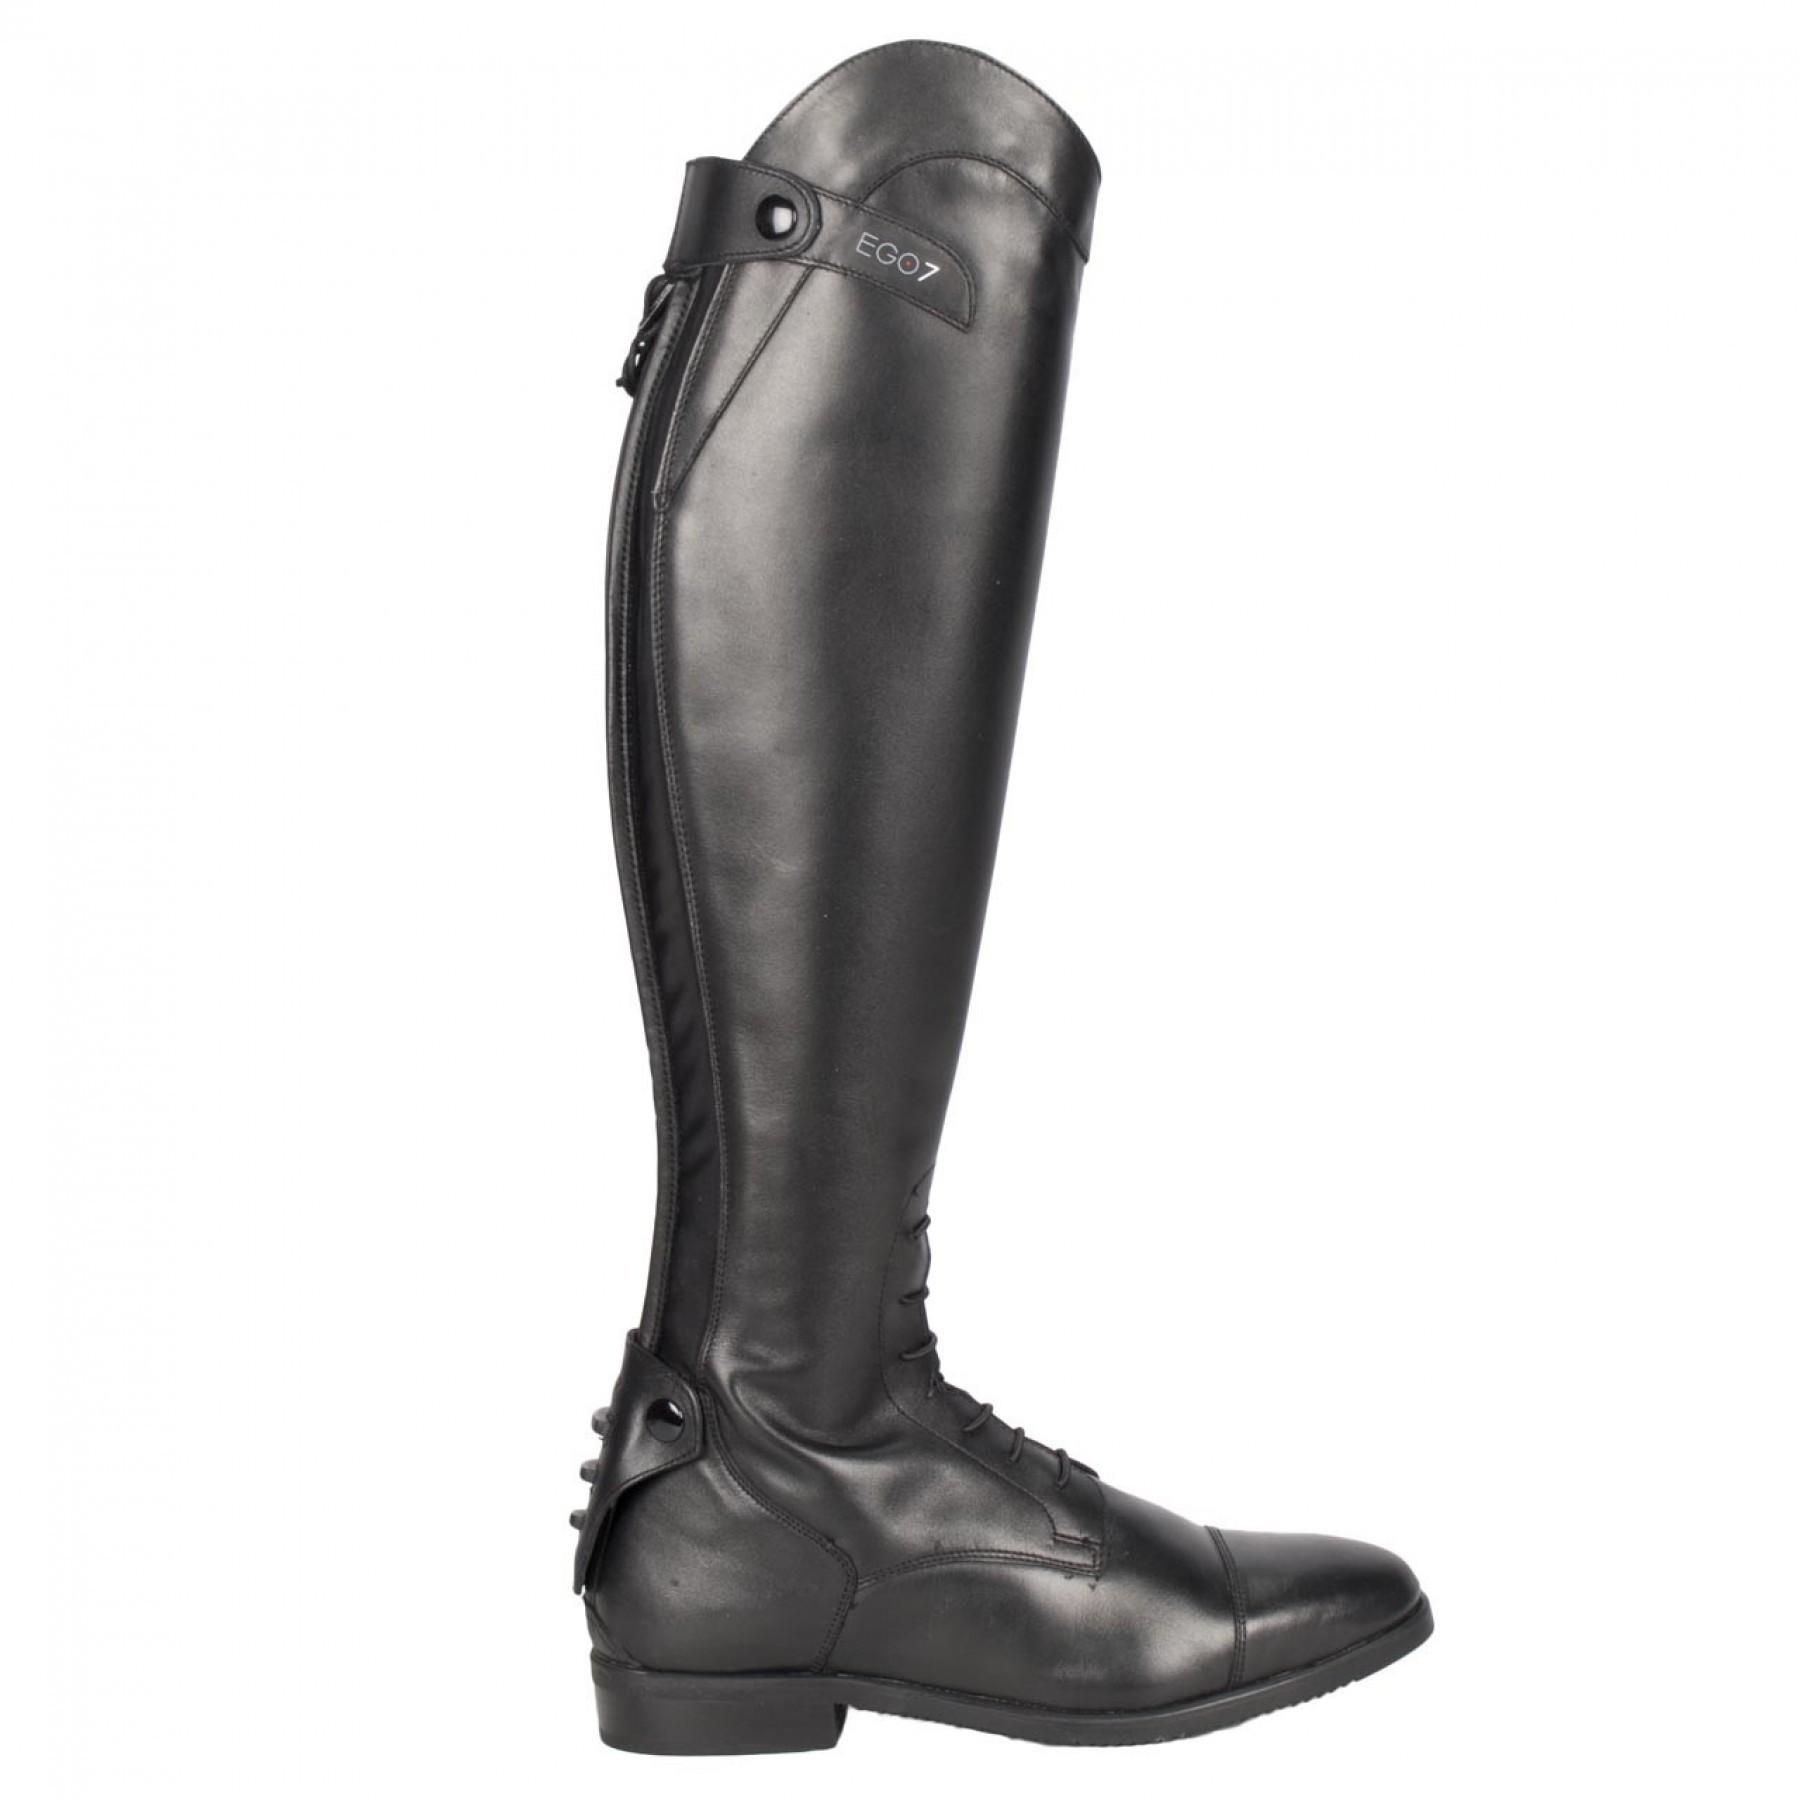 Mini Chaps Free Jump se rapportant à bottes ego7 demi-mesure look moderne cuir souple et solide